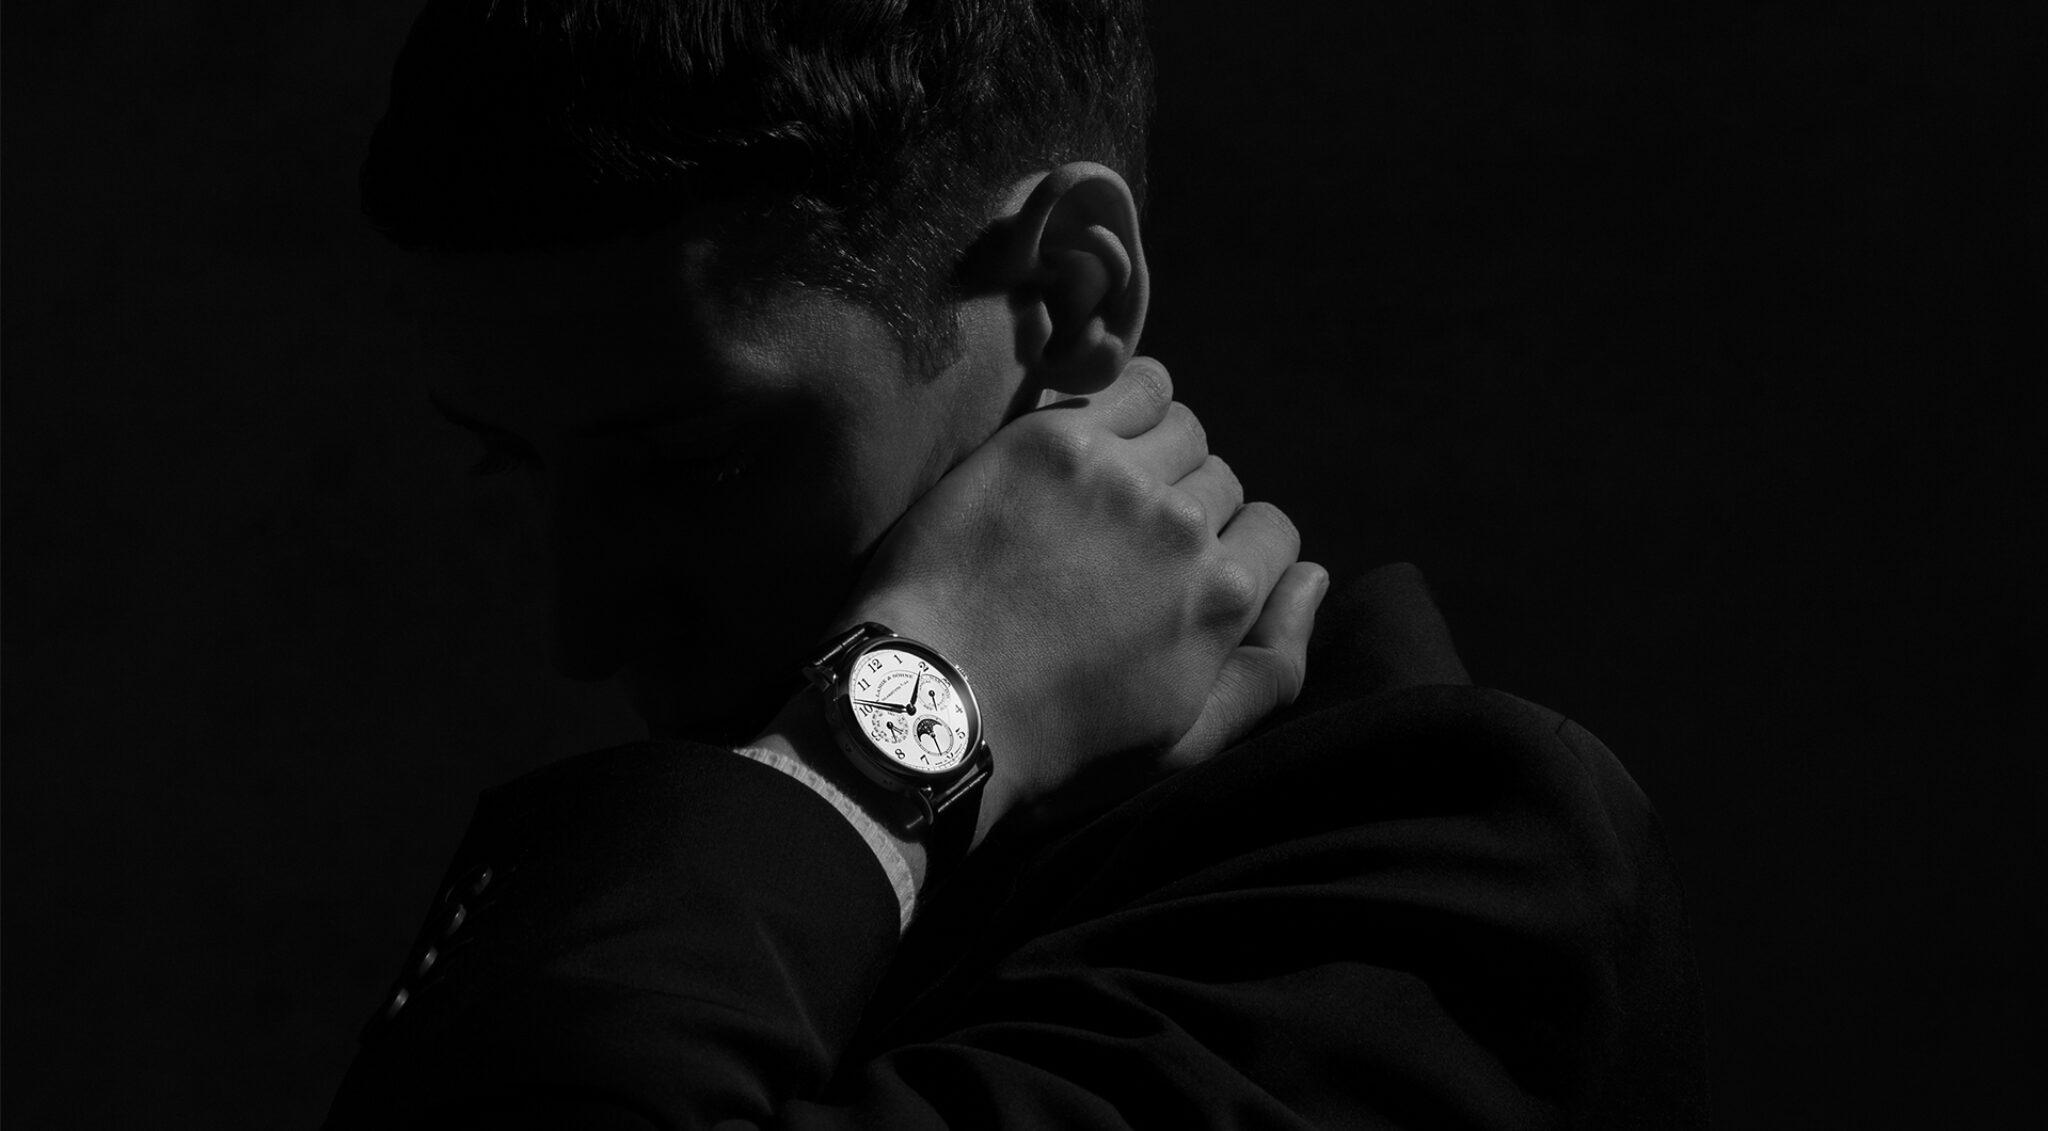 Mann mit Armbanduhr.